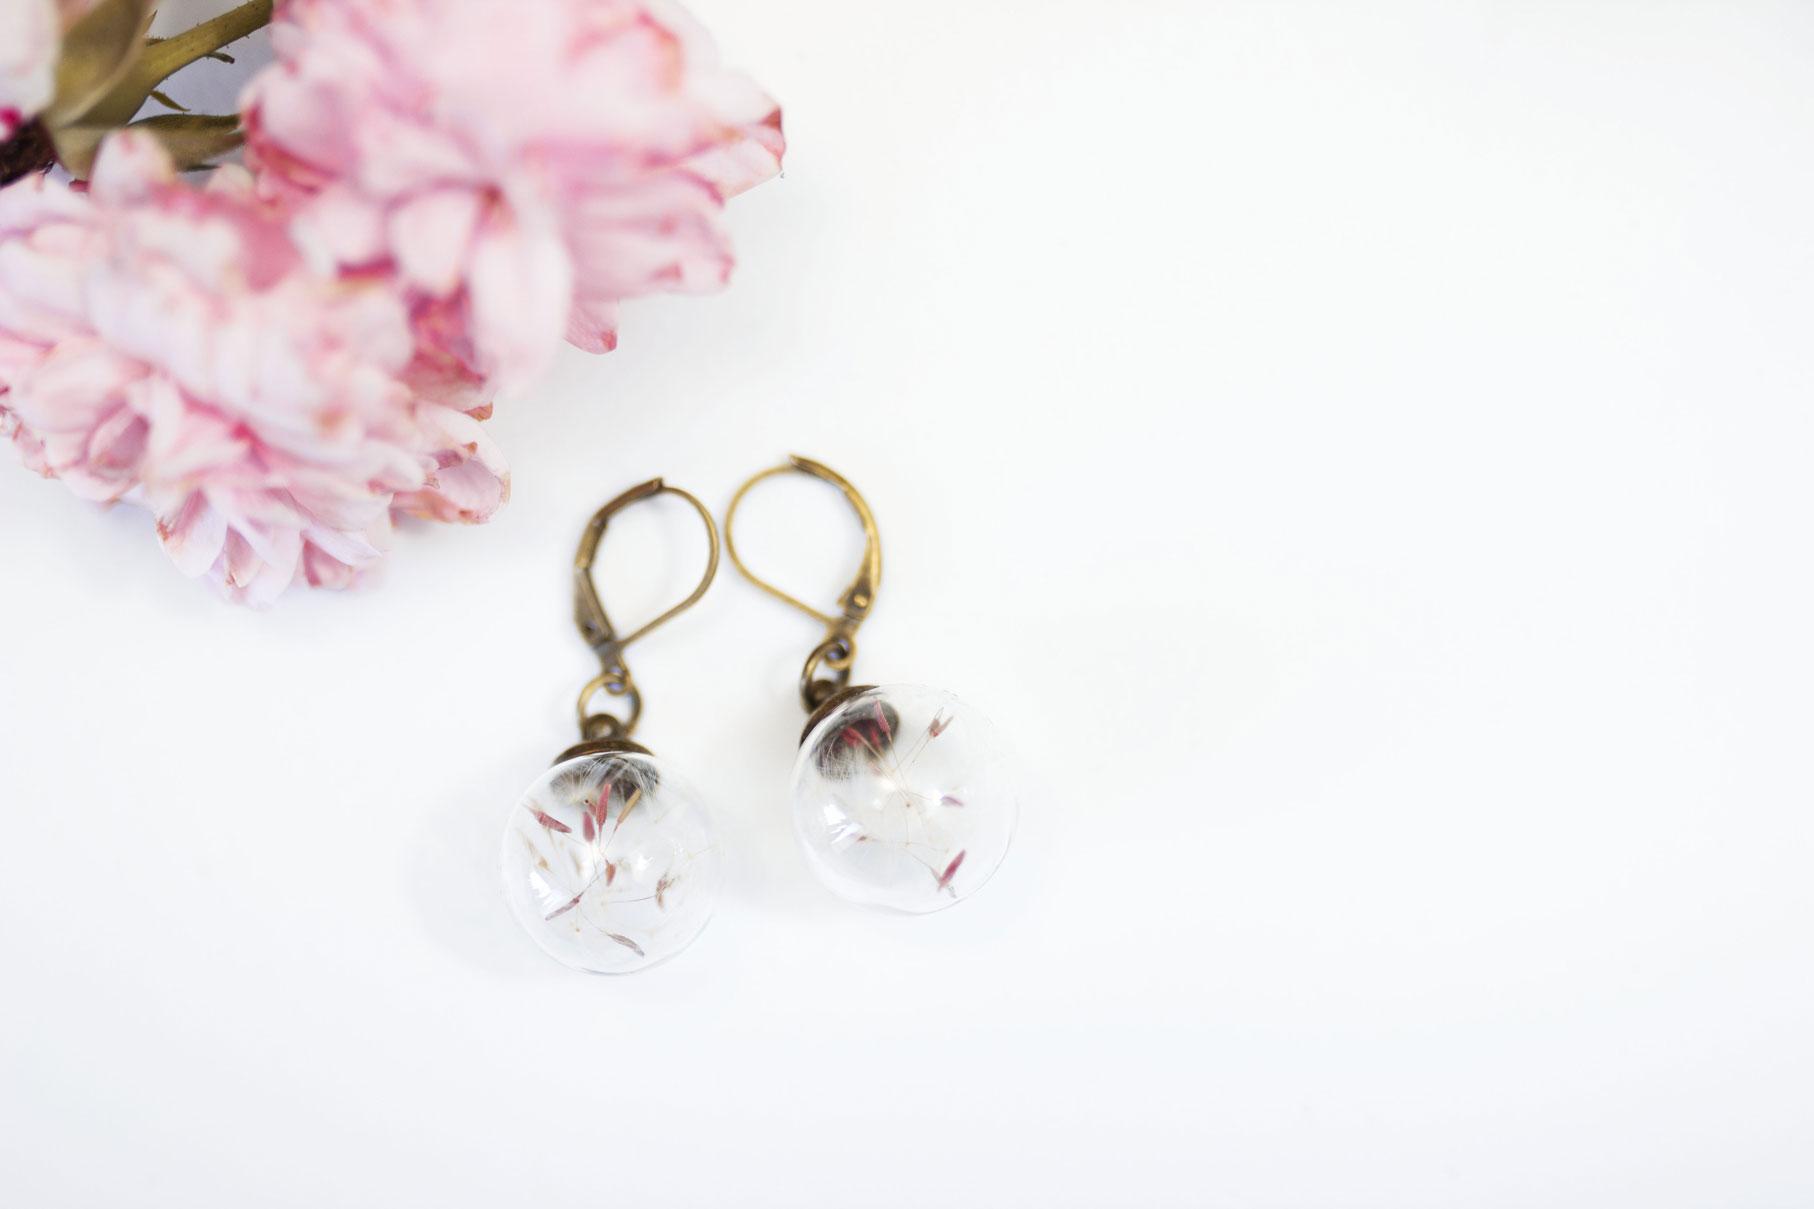 boucles d'oreilles pissenlit Madamlili sur fond blanc avec fleurs roses